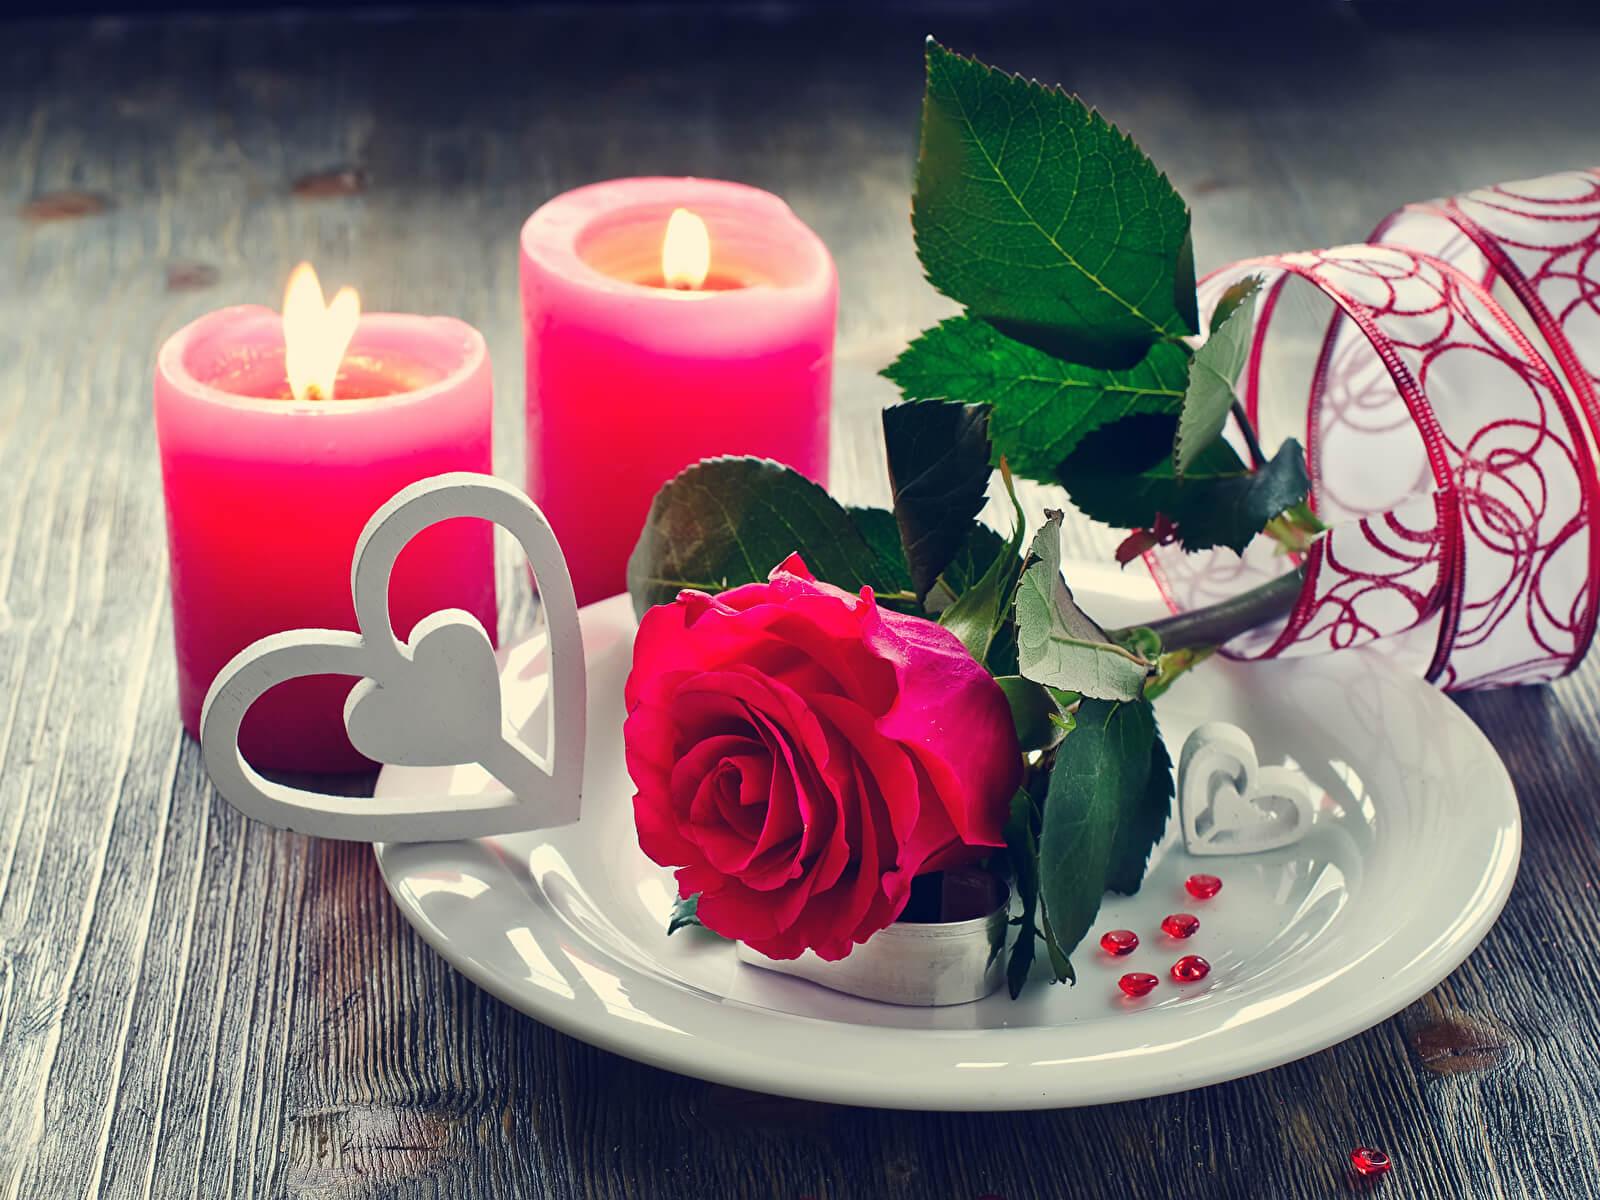 Милые и романтические картинки для любимой - скачать (20 фото) 2